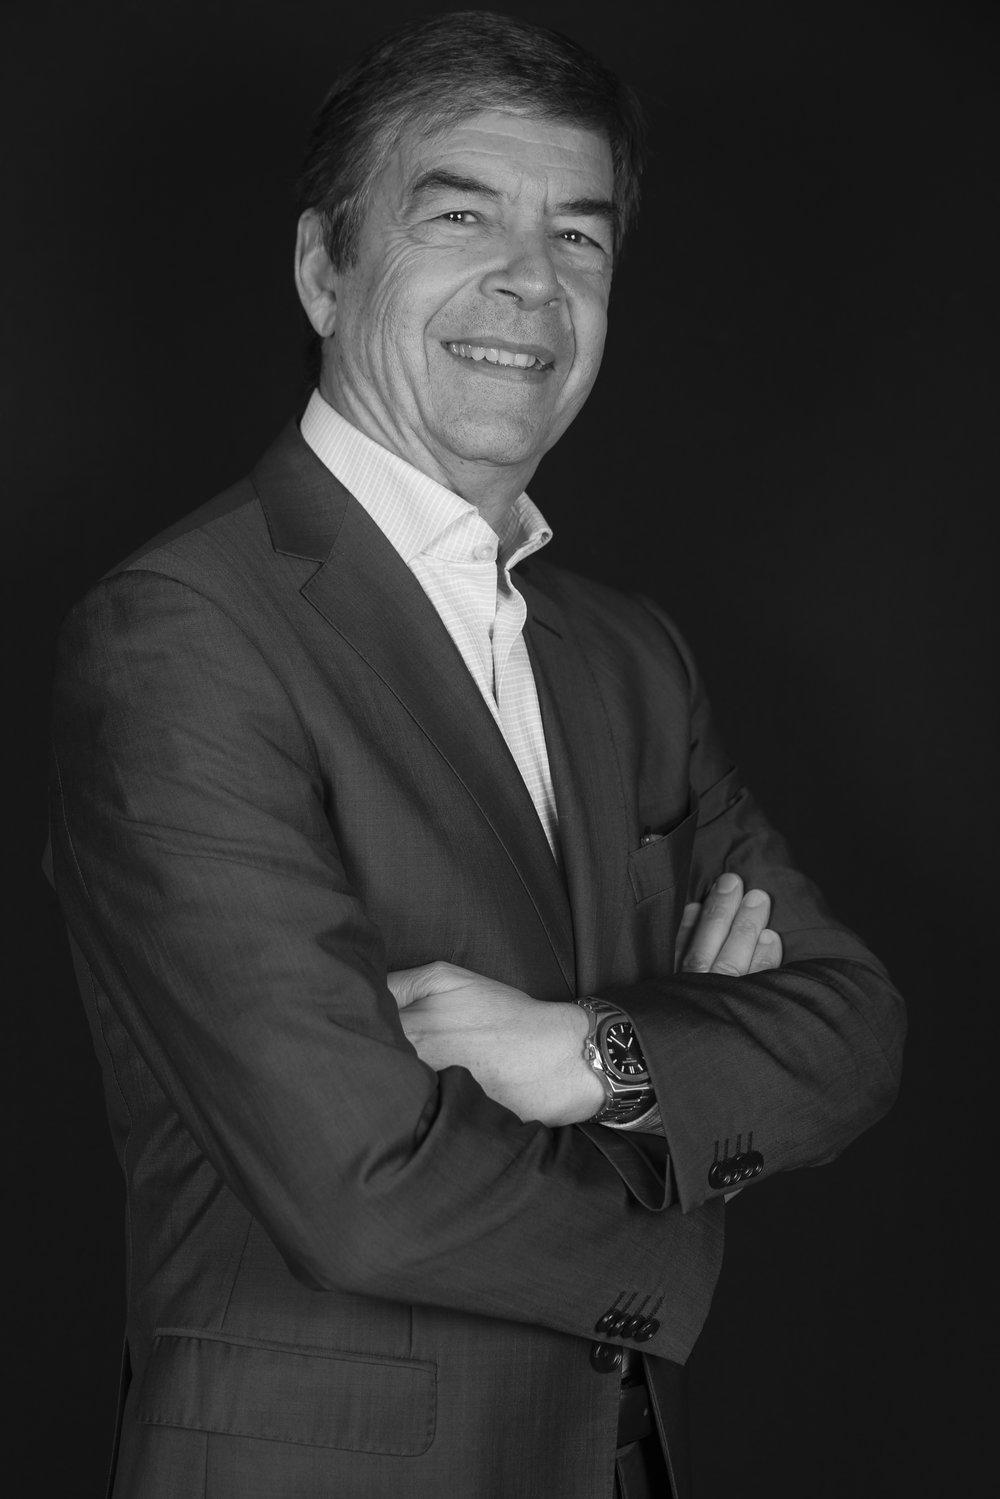 Fabien Koskas